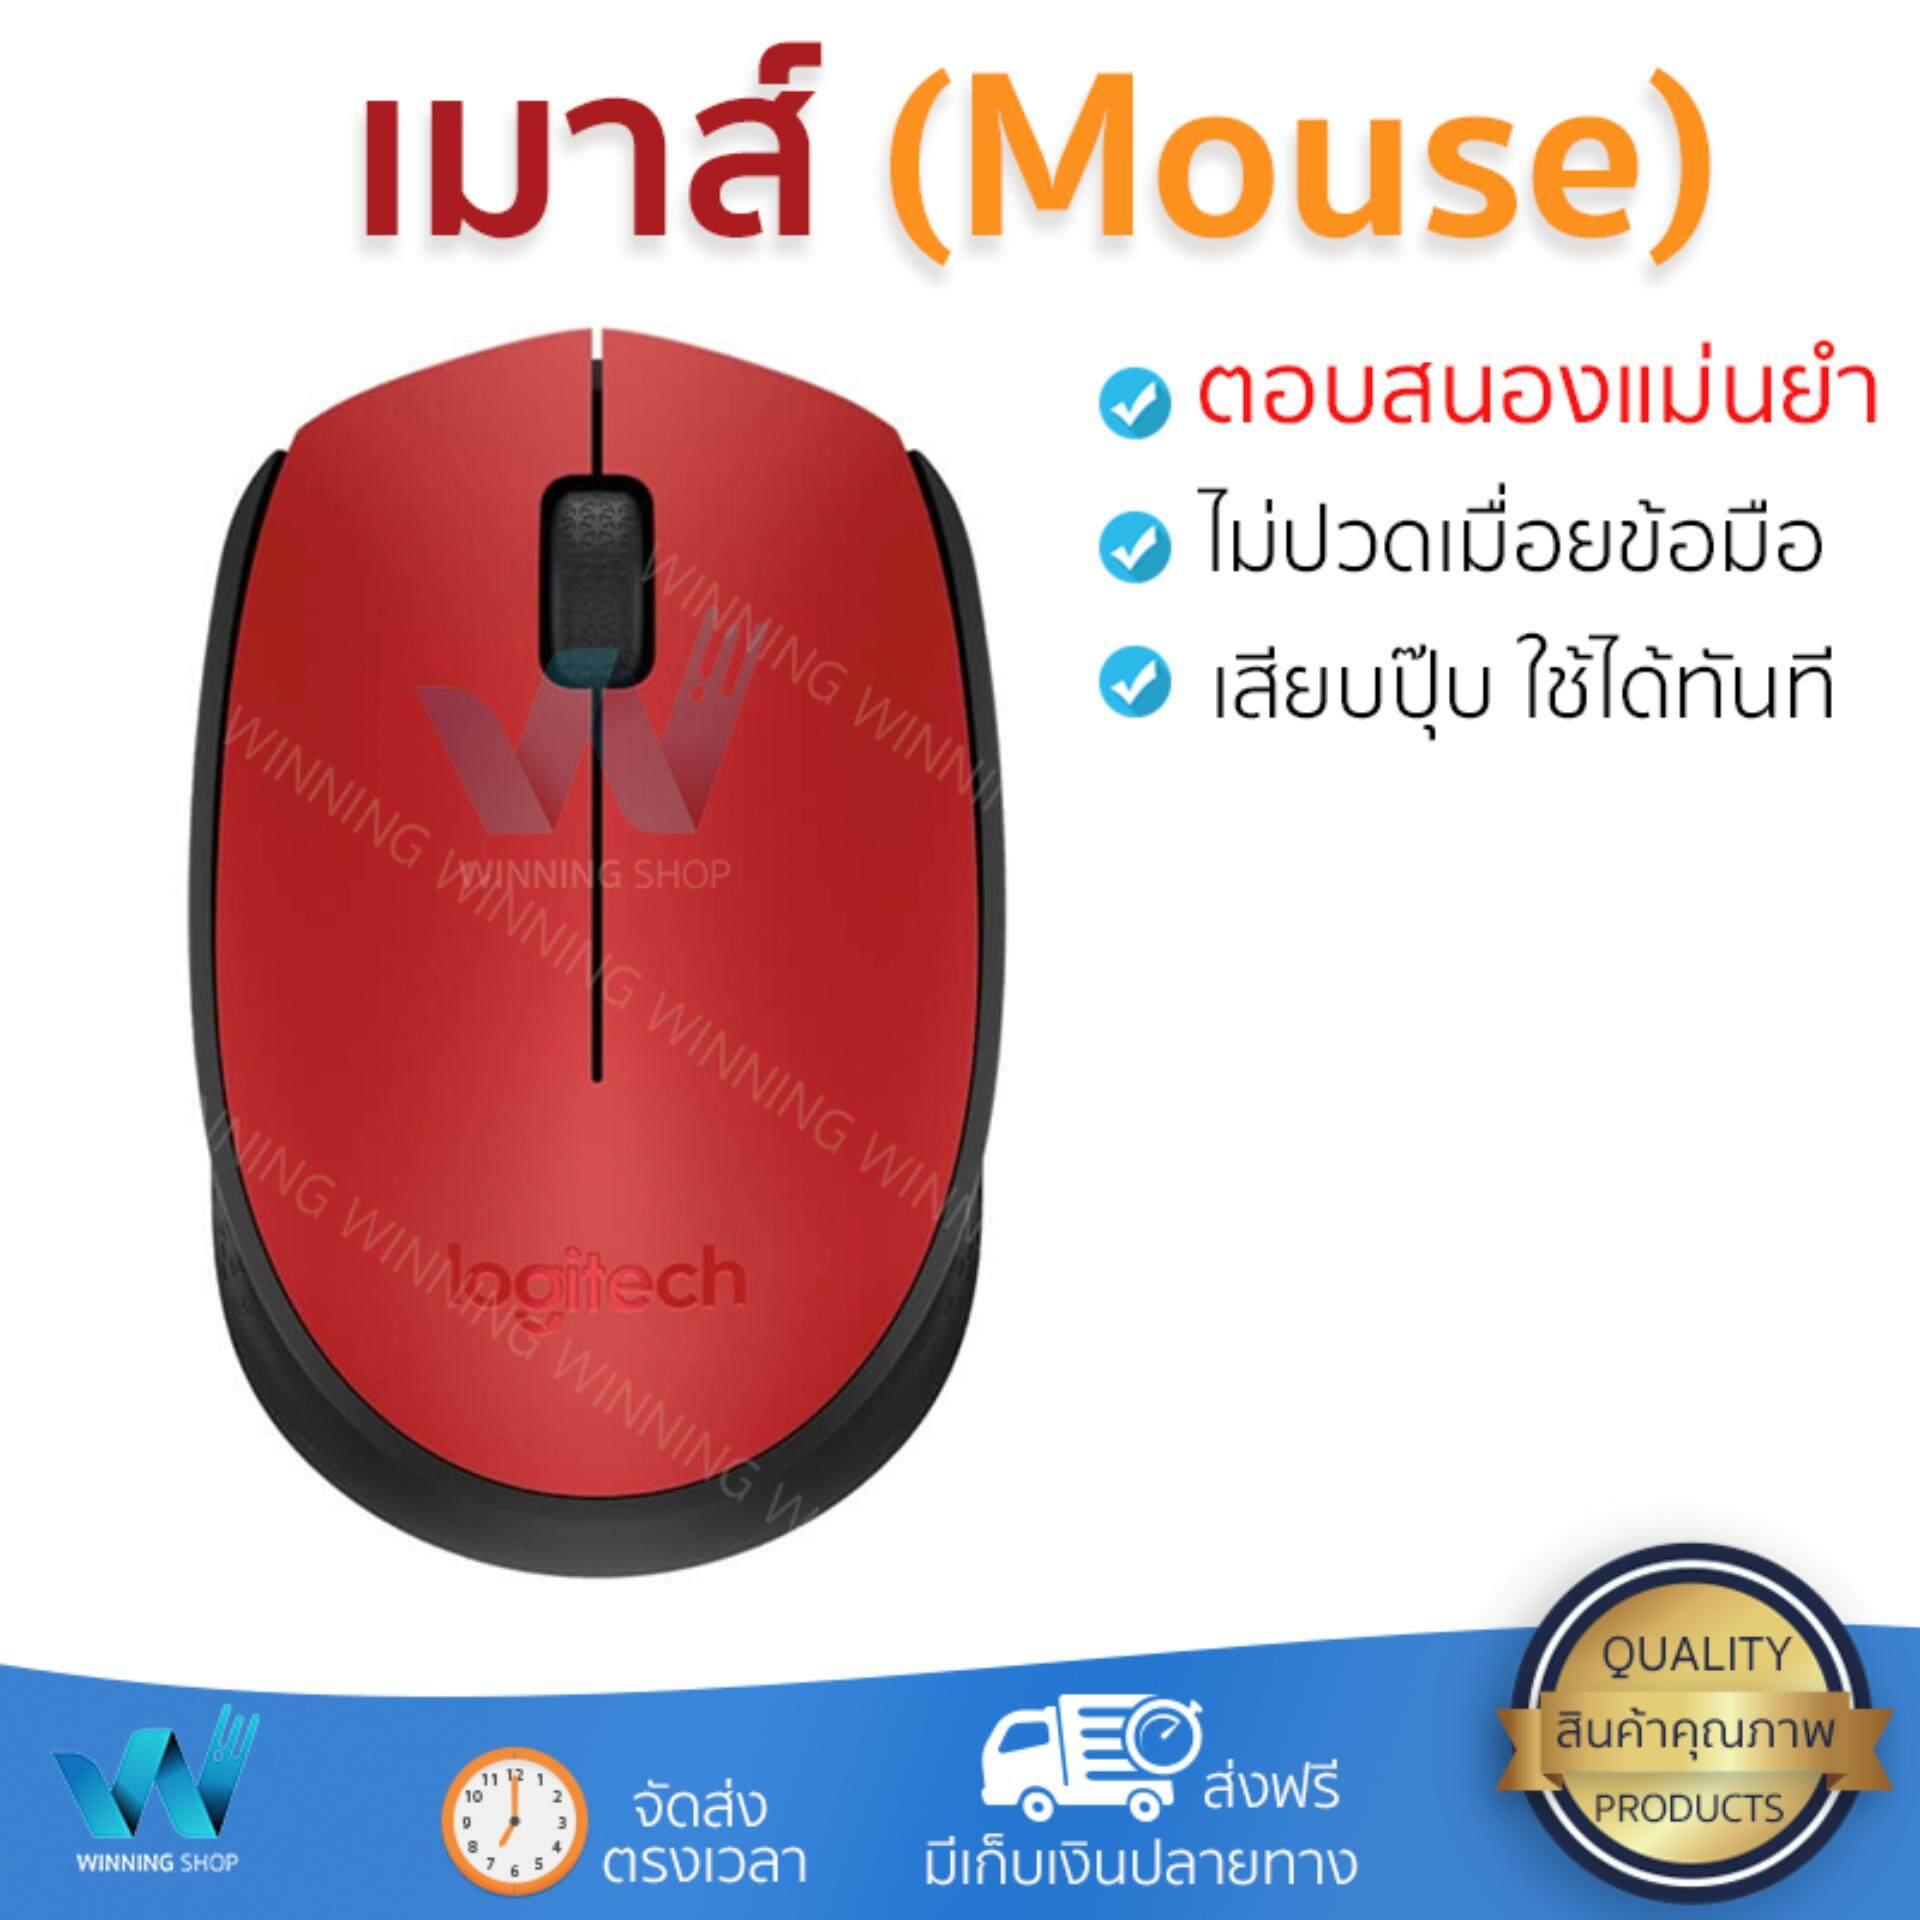 สุดยอดสินค้า!! รุ่นใหม่ล่าสุด เมาส์           LOGITECH เมาส์ไร้สาย (สีแดง) รุ่น M171             เซนเซอร์คุณภาพสูง ทำงานได้ลื่นไหล ไม่มีสะดุด Computer Mouse  รับประกันสินค้า 1 ปี จัดส่งฟรี Kerry ทั่วป